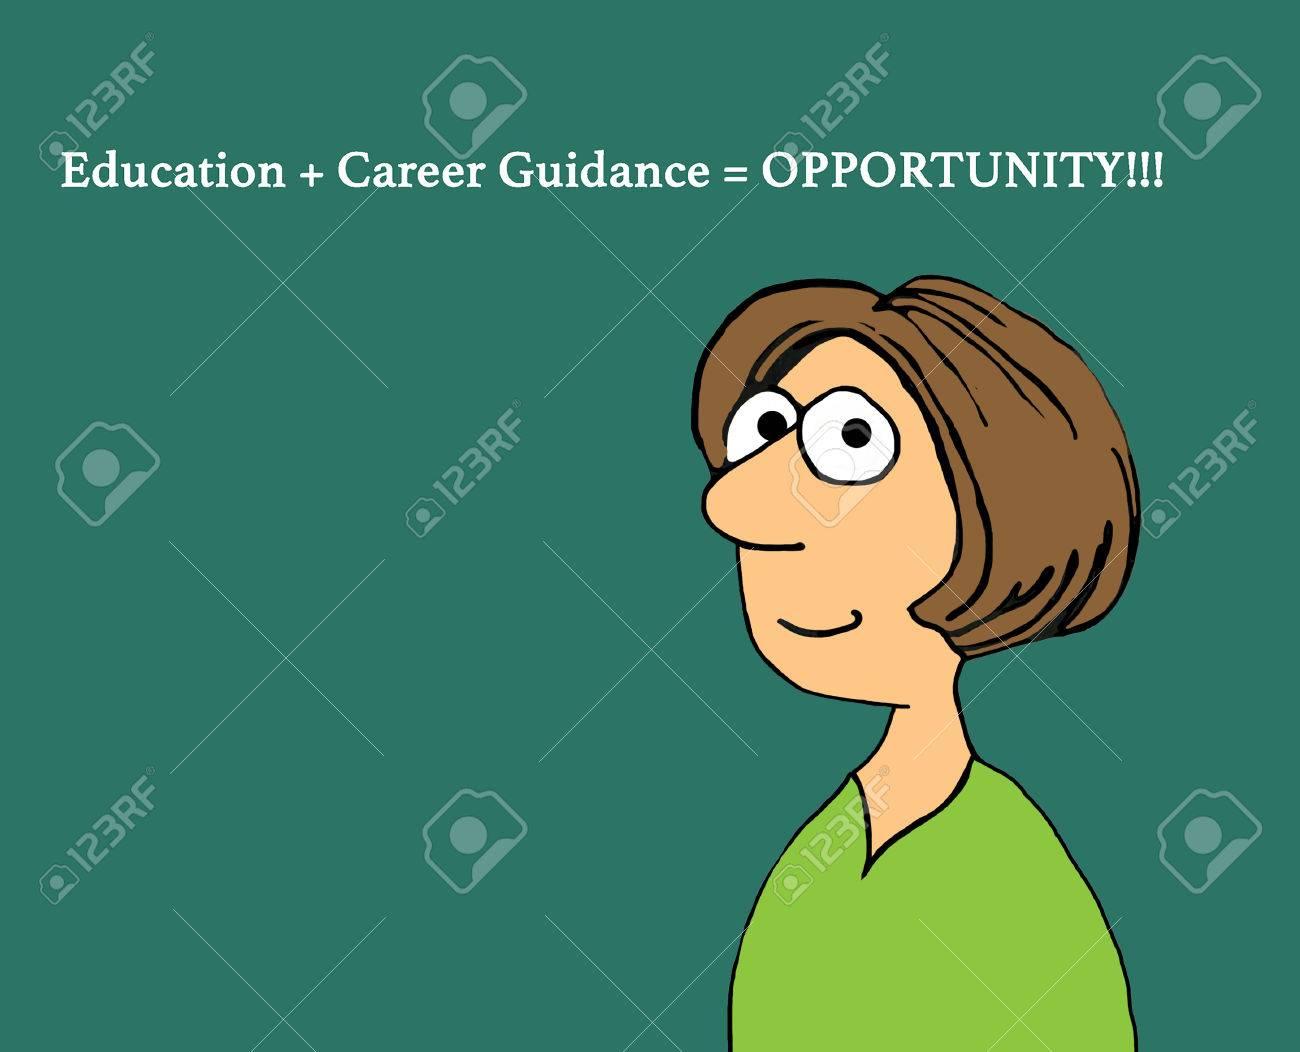 Ilustración De Dibujos Animados De Educación Que Muestra A Una Mujer Y Una Frase Sobre La Oportunidad